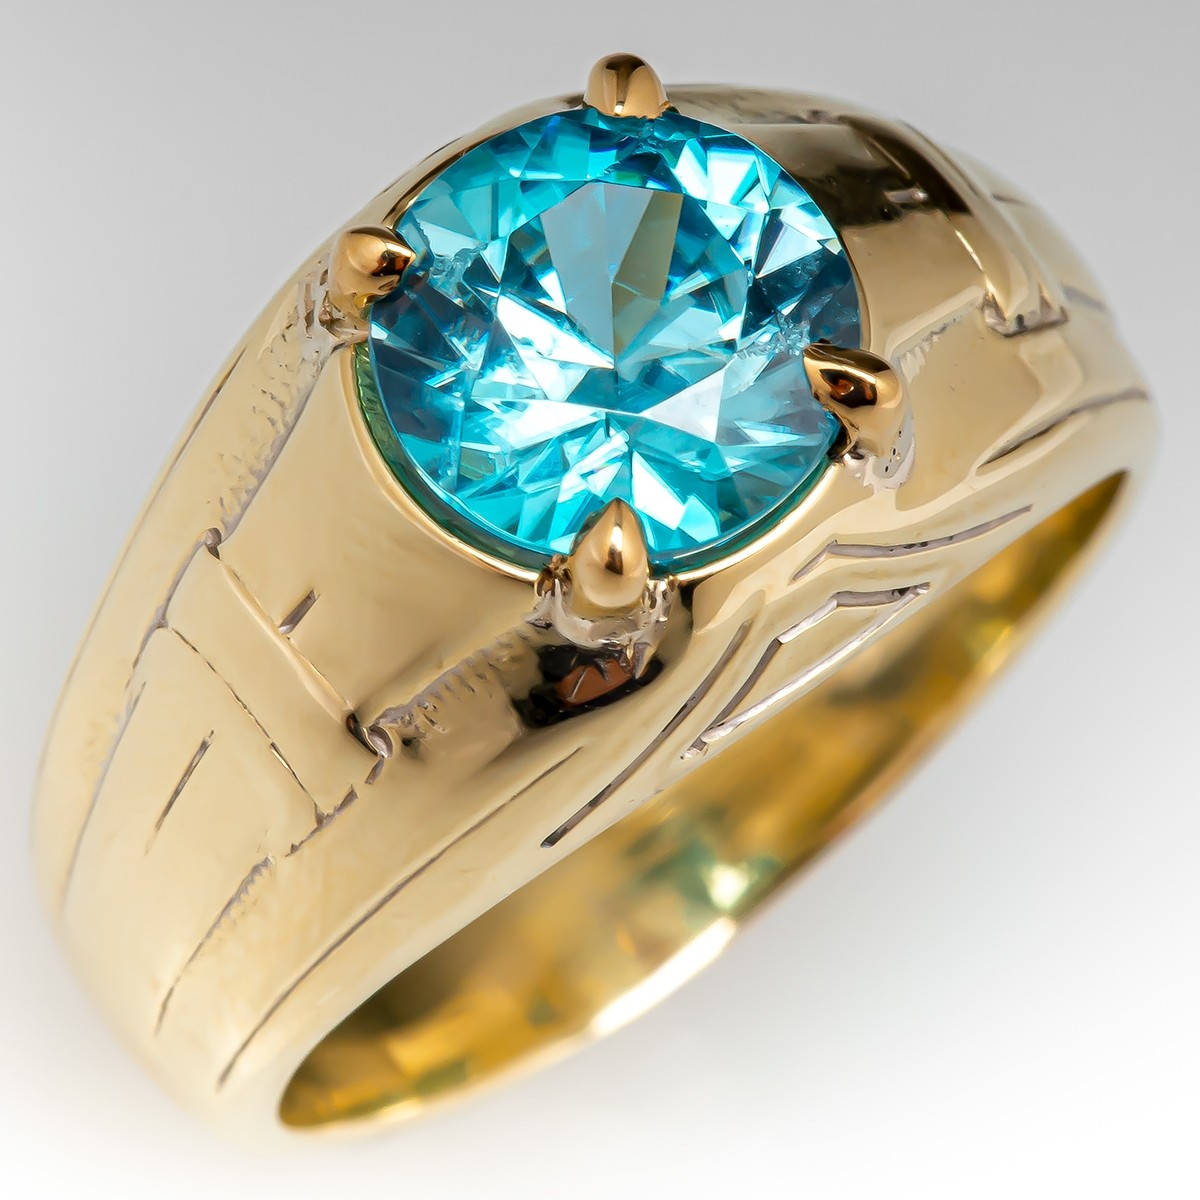 Tổng hợp nhẫn đá xanh dương và ý nghĩa của nhẫn đá xanh dương